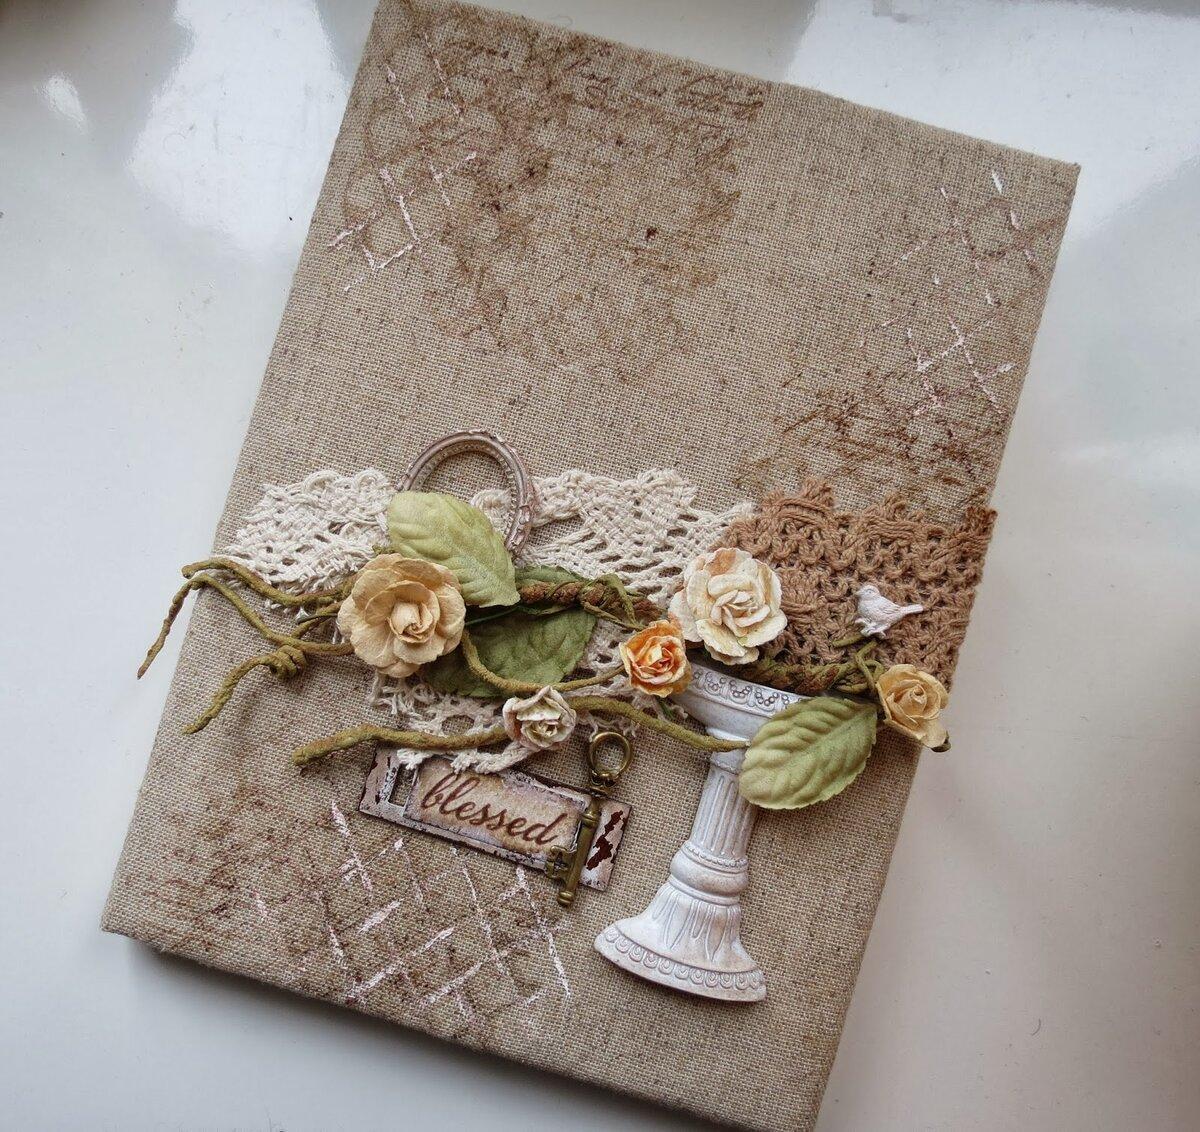 Презентацию, скрап открытка льняная свадьба